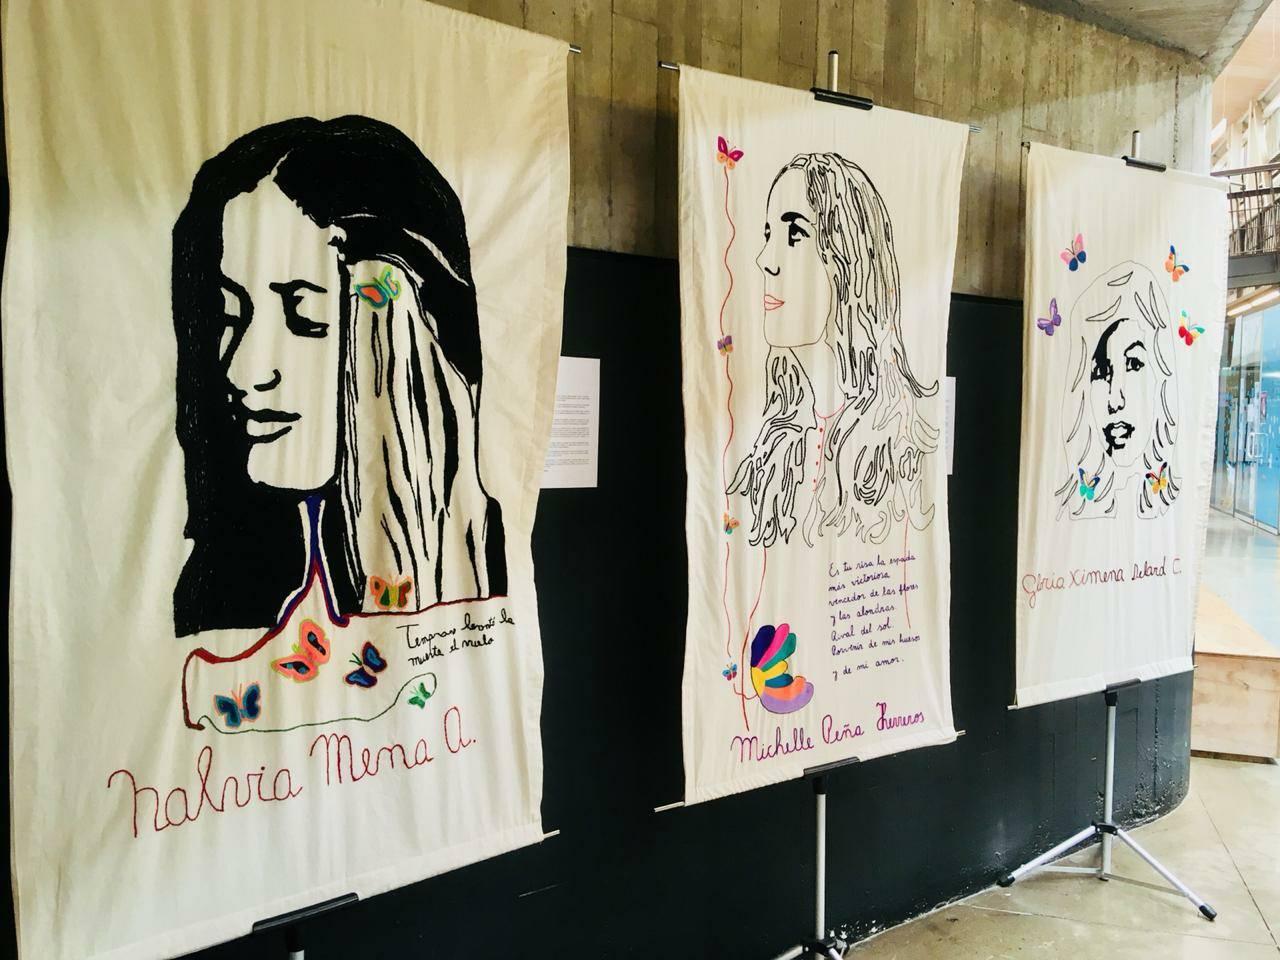 Bordadoras de la Memoria reconstruyen el rostro de 12 mujeres embarazadas desaparecidas por la dictadura